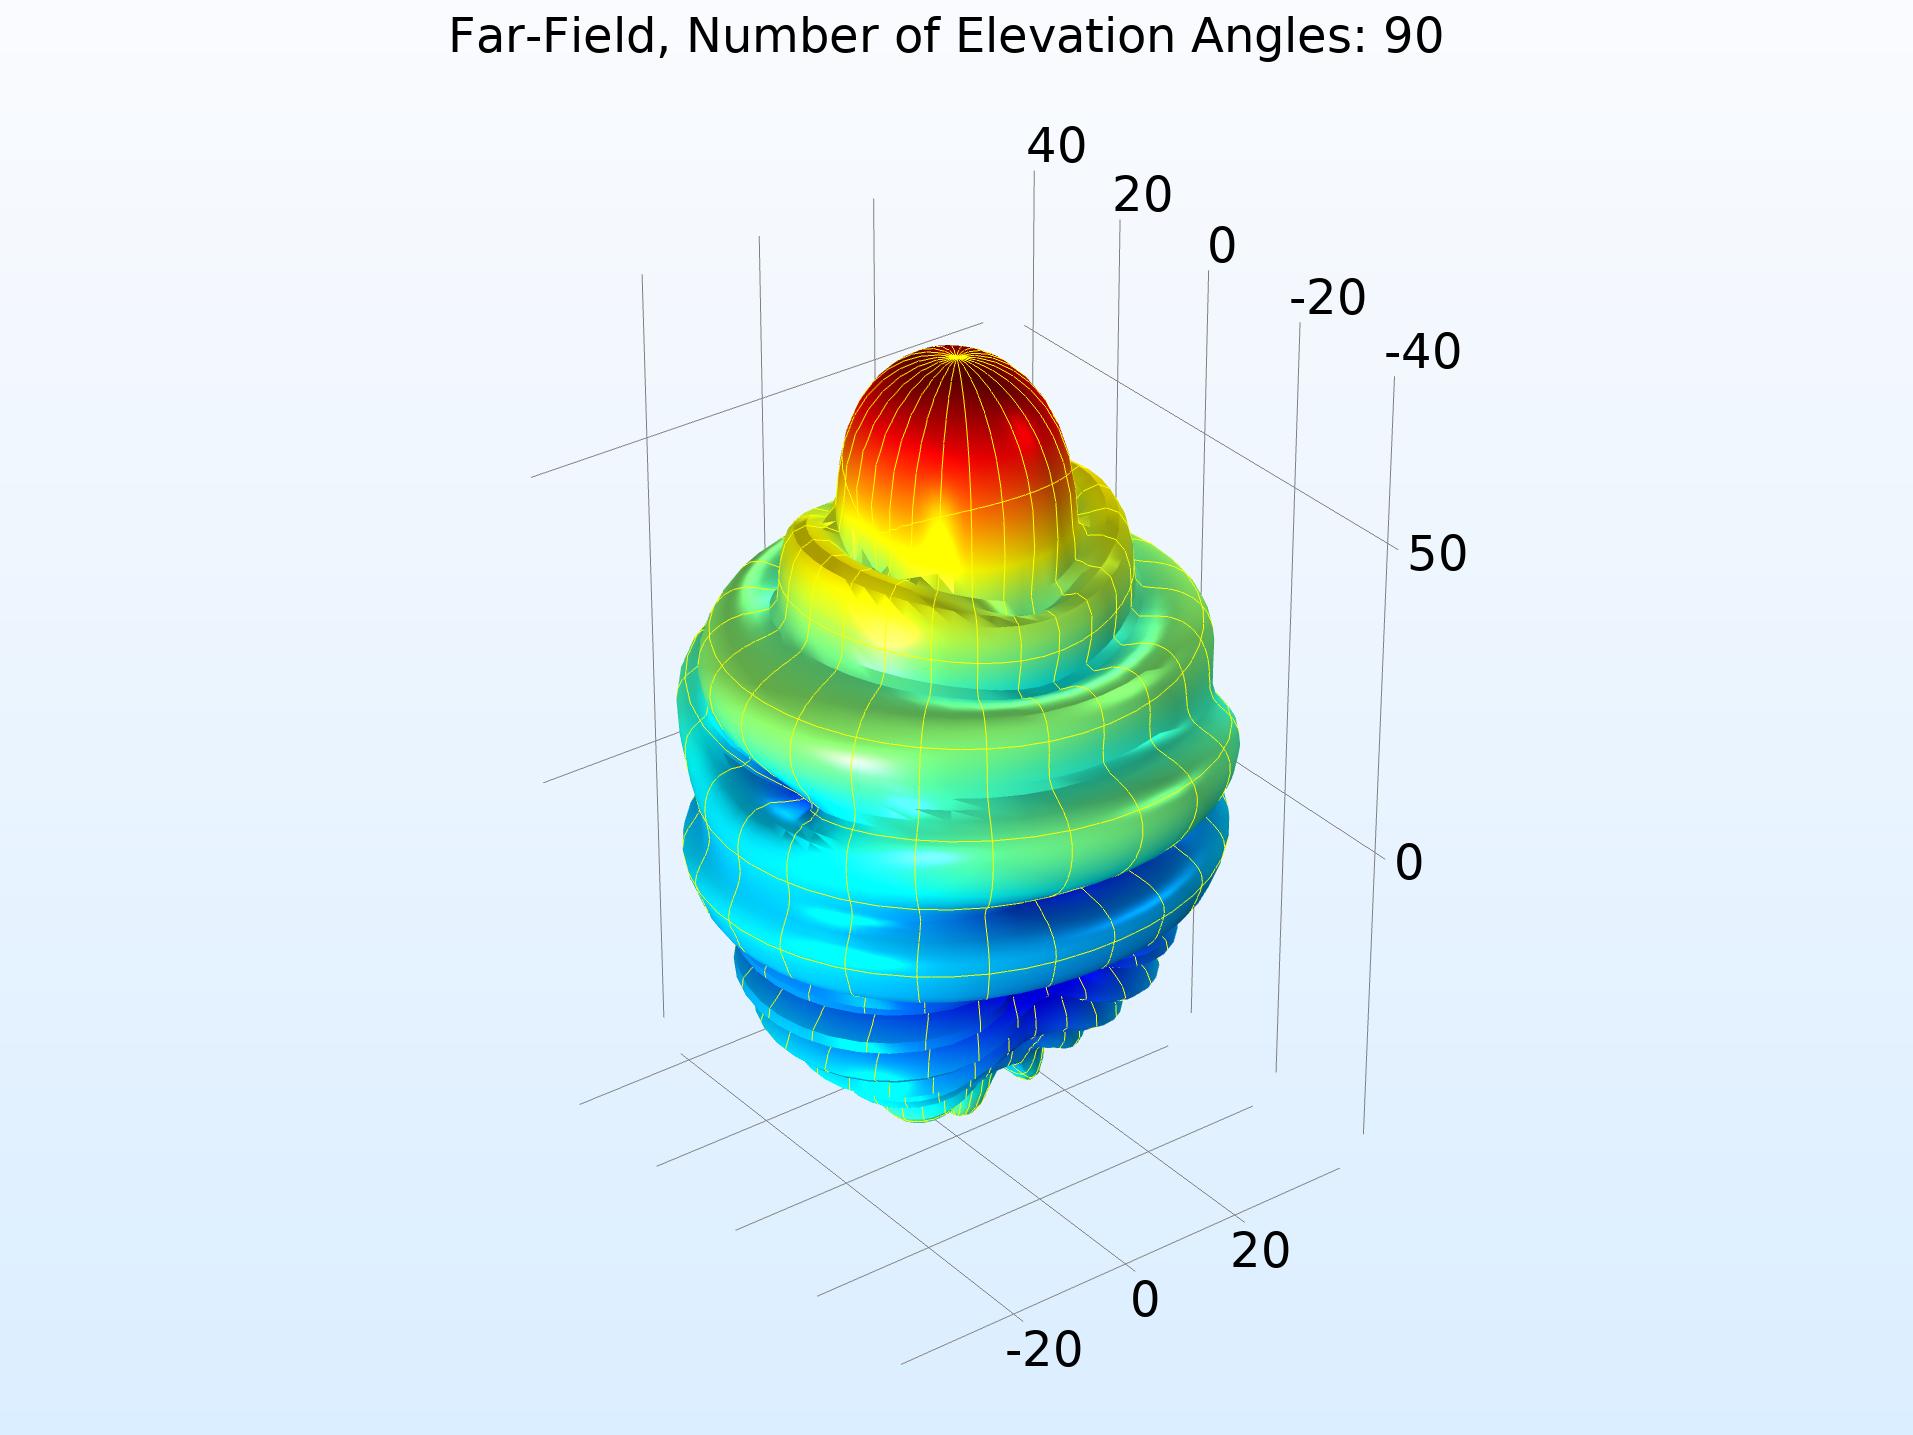 具有90个仰角的远场模函数的图。